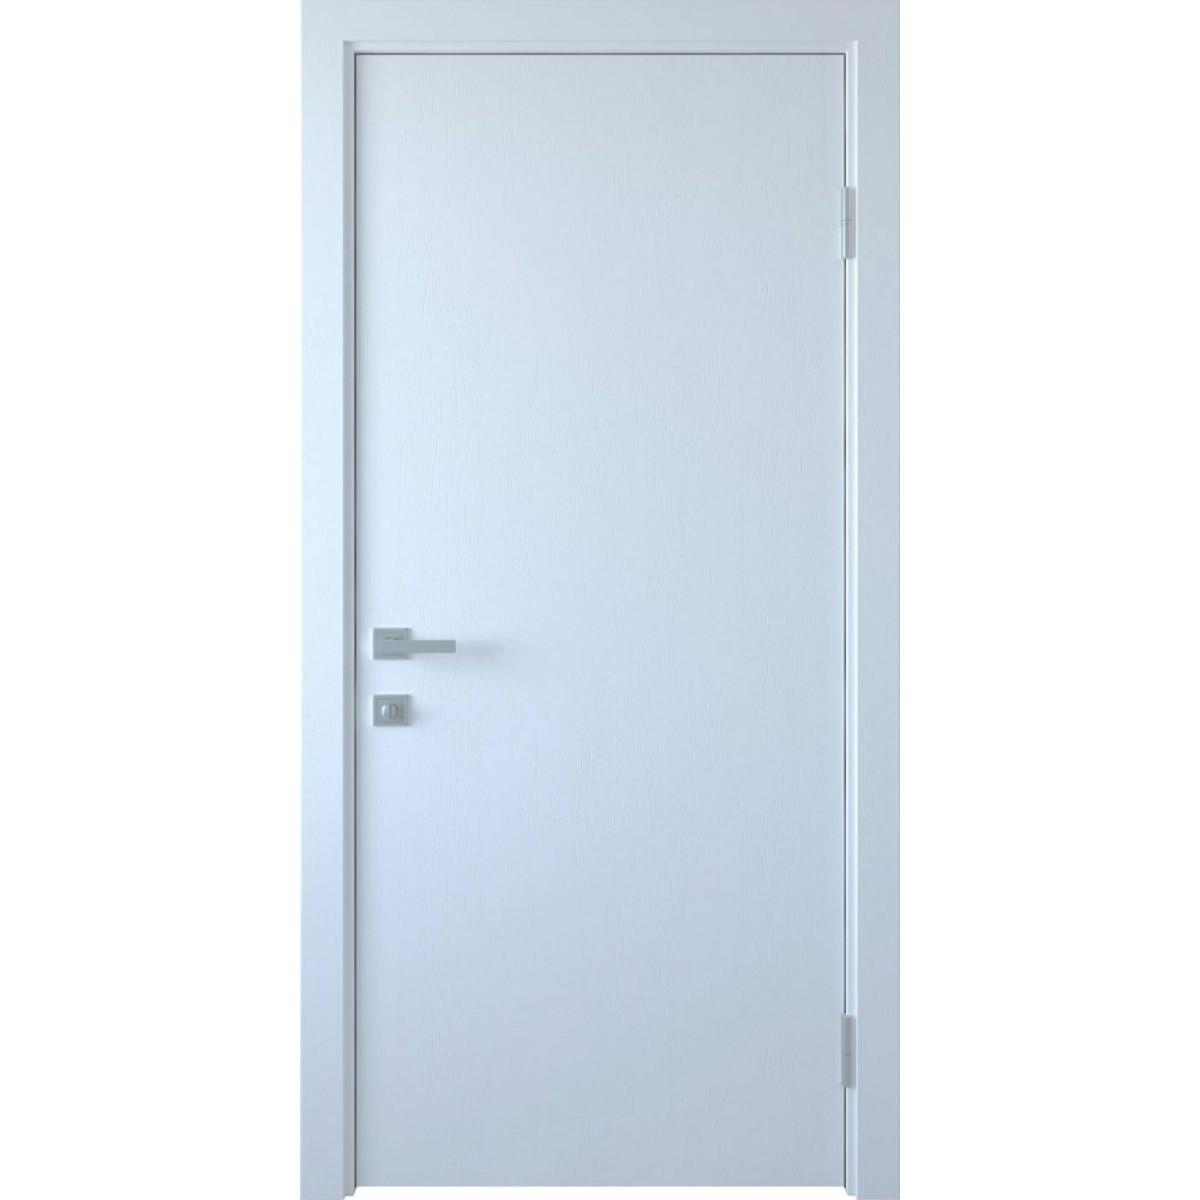 Межкомнатная дверь Стандарт ПП Premium белый мат. Новый стиль